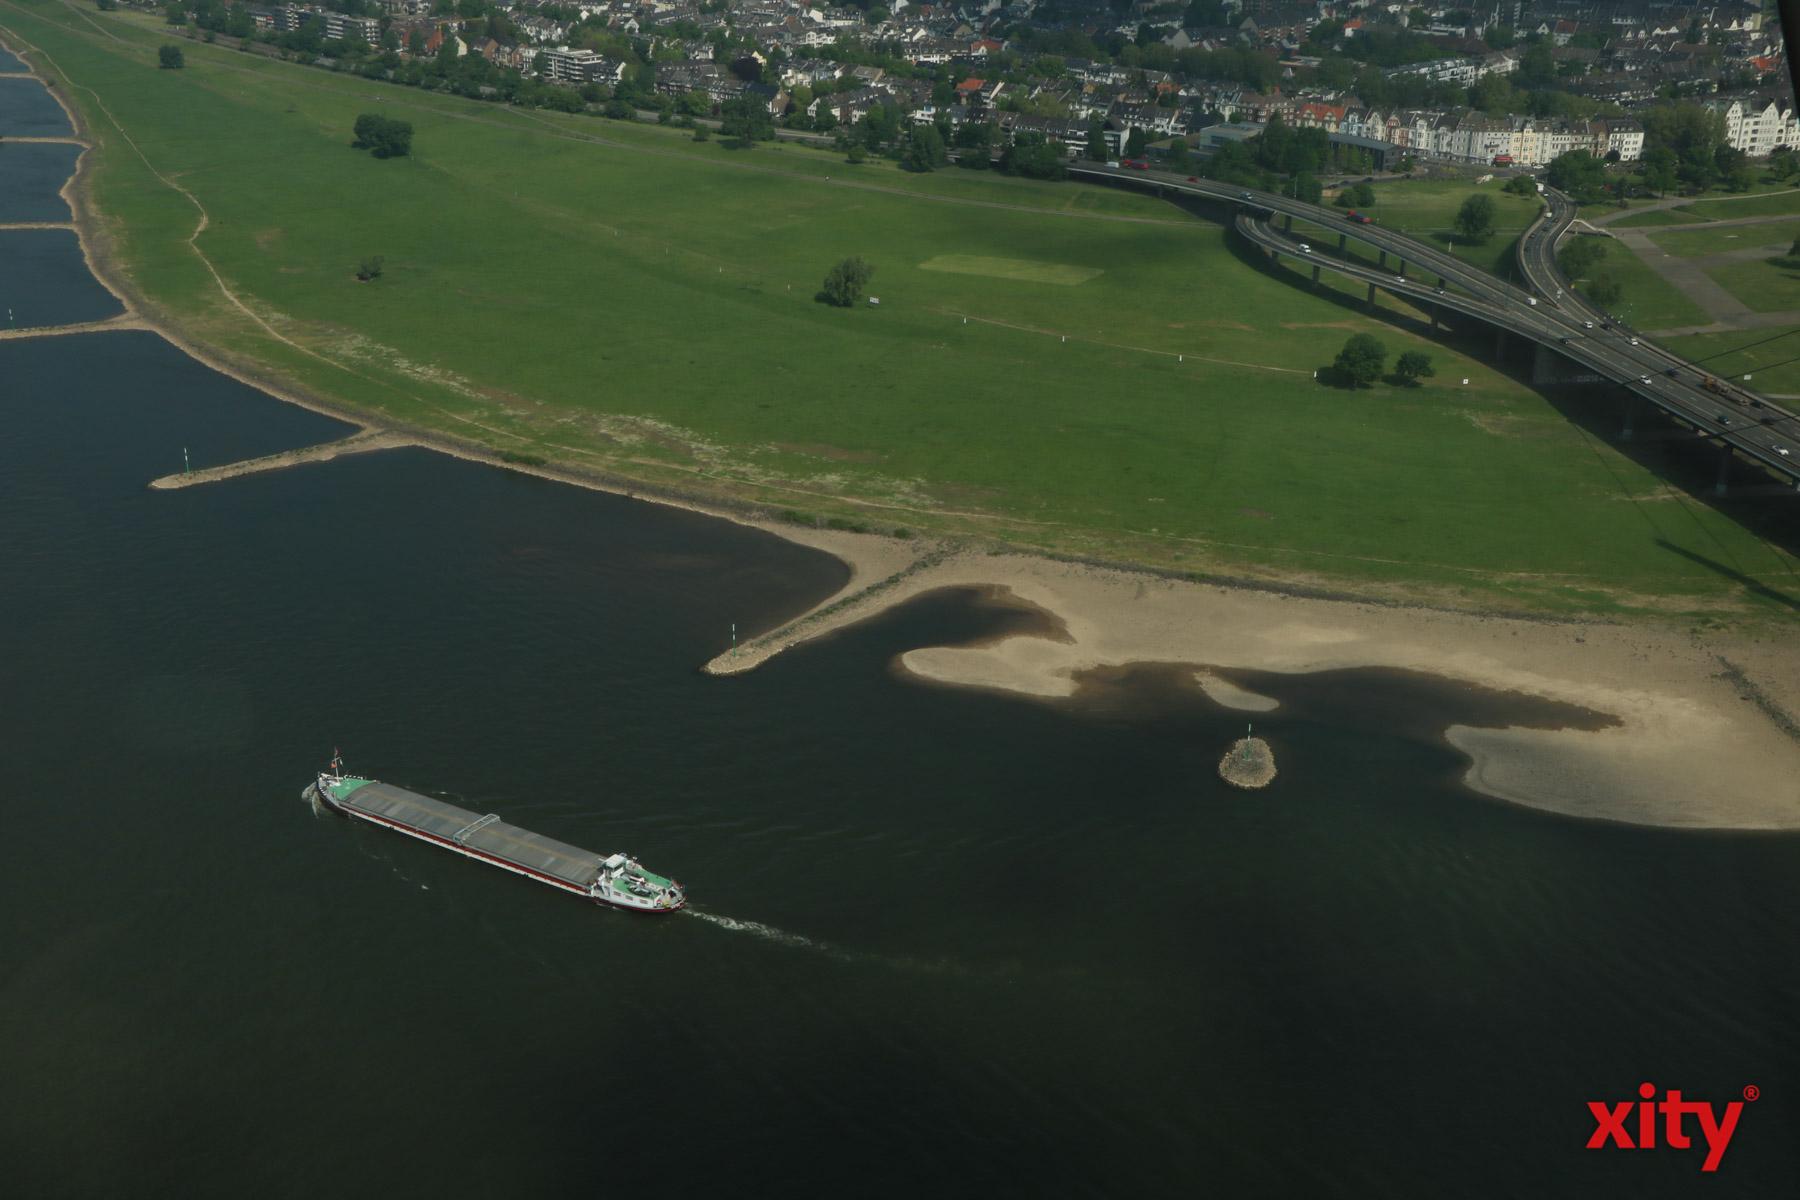 Entlang des Rheins wird am 14. September 2019 so richtig aufgeräumt (Foto: xity)